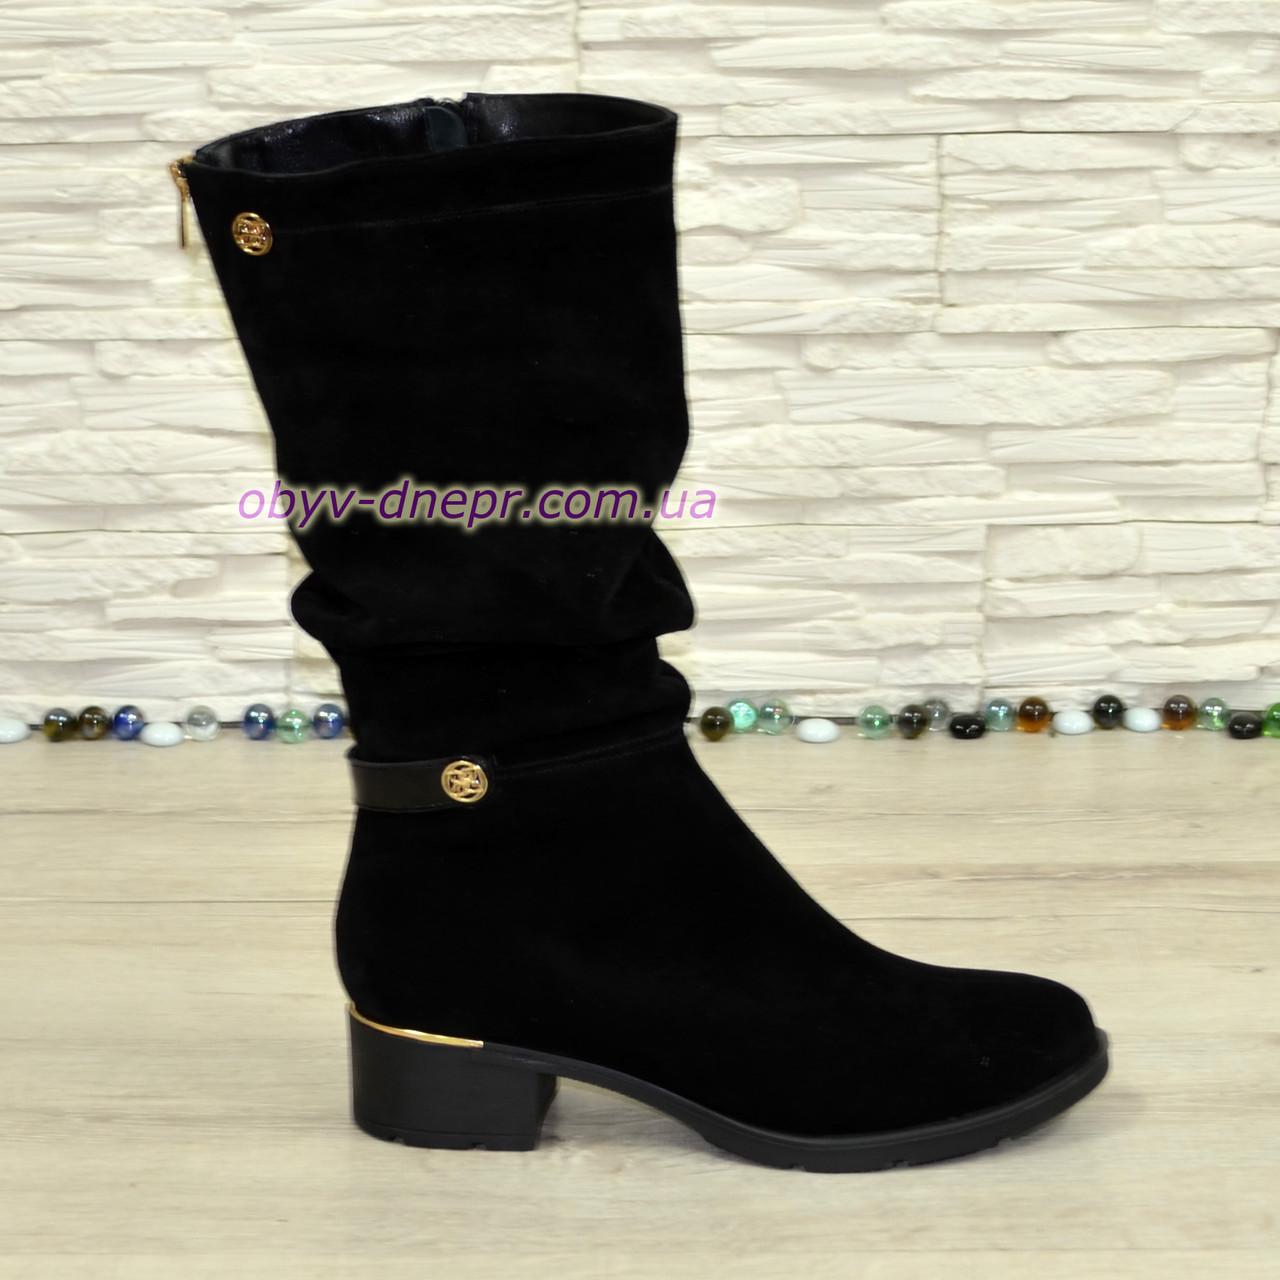 Сапоги женские   на устойчивом каблуке, натуральная черная замша.